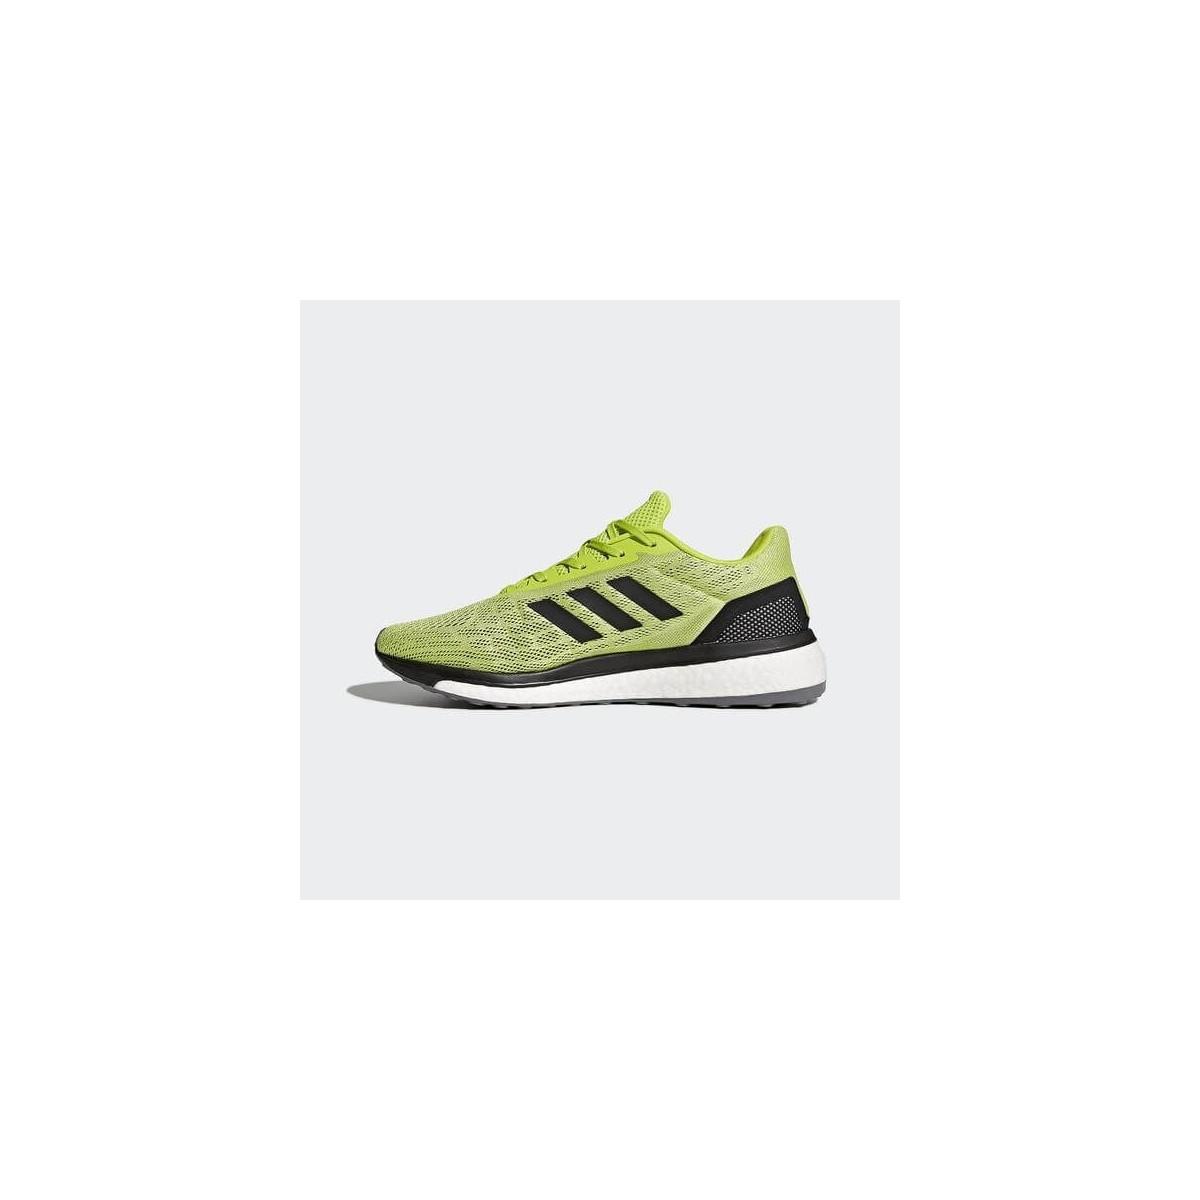 Zapatillas Adidas Supernova lima Hombre PV18